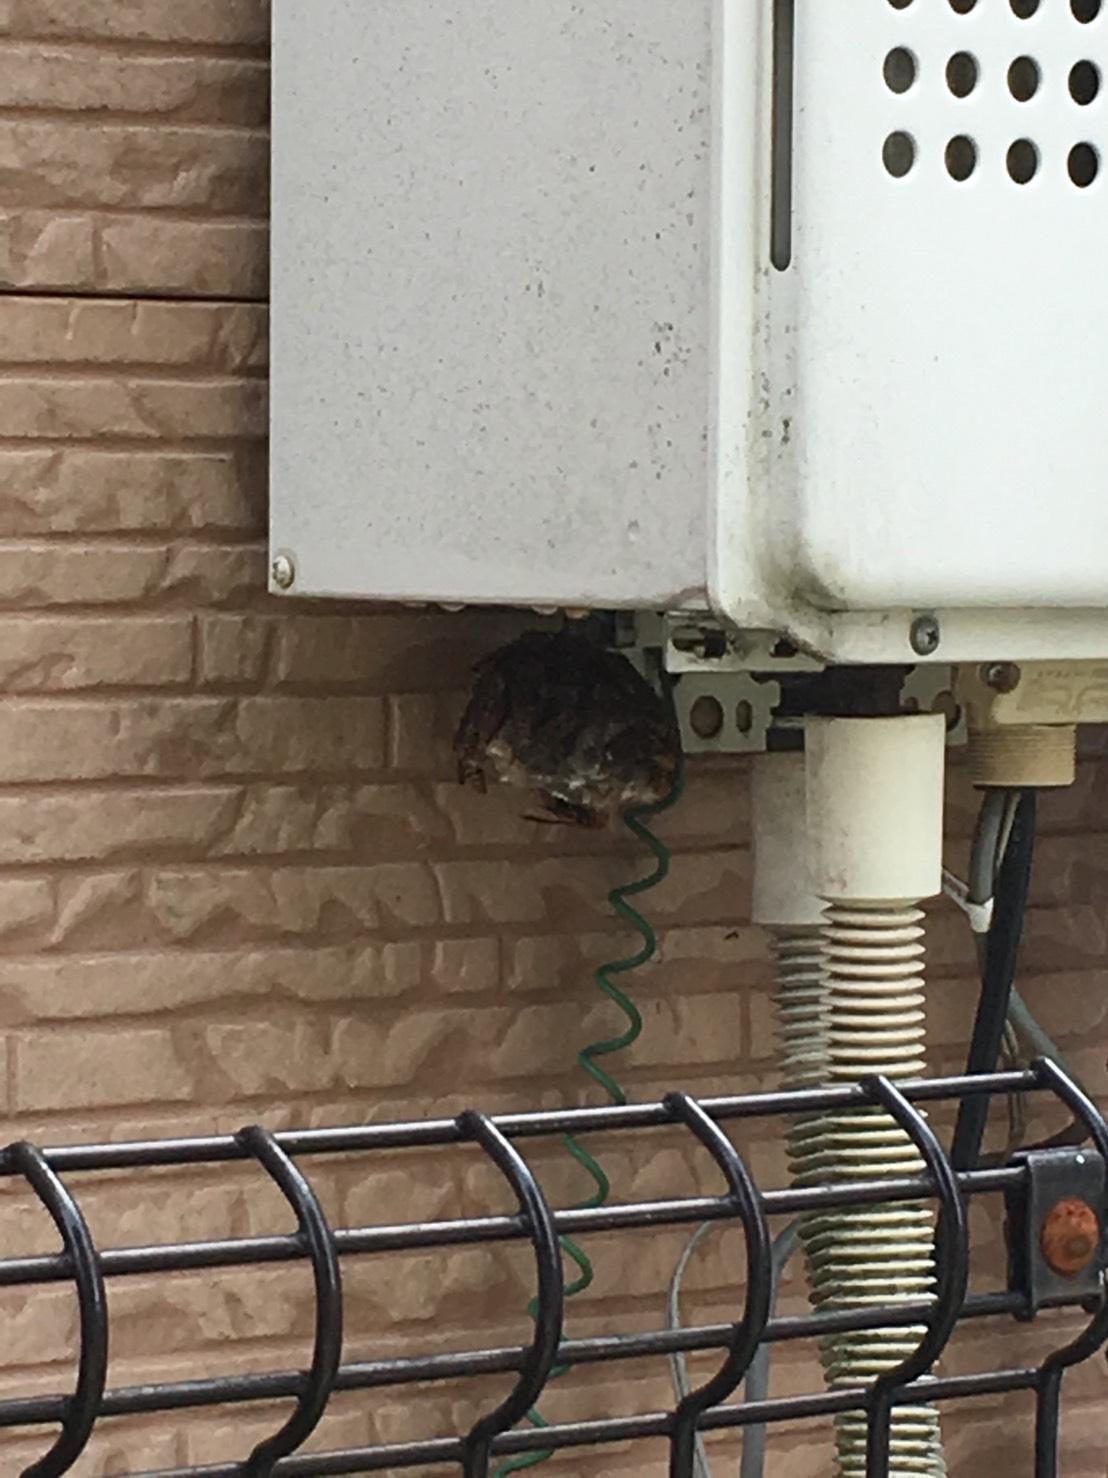 【千葉県野田市】9月4日、アシナガバチの蜂の巣駆除依頼がありました【場所:給湯器の下】